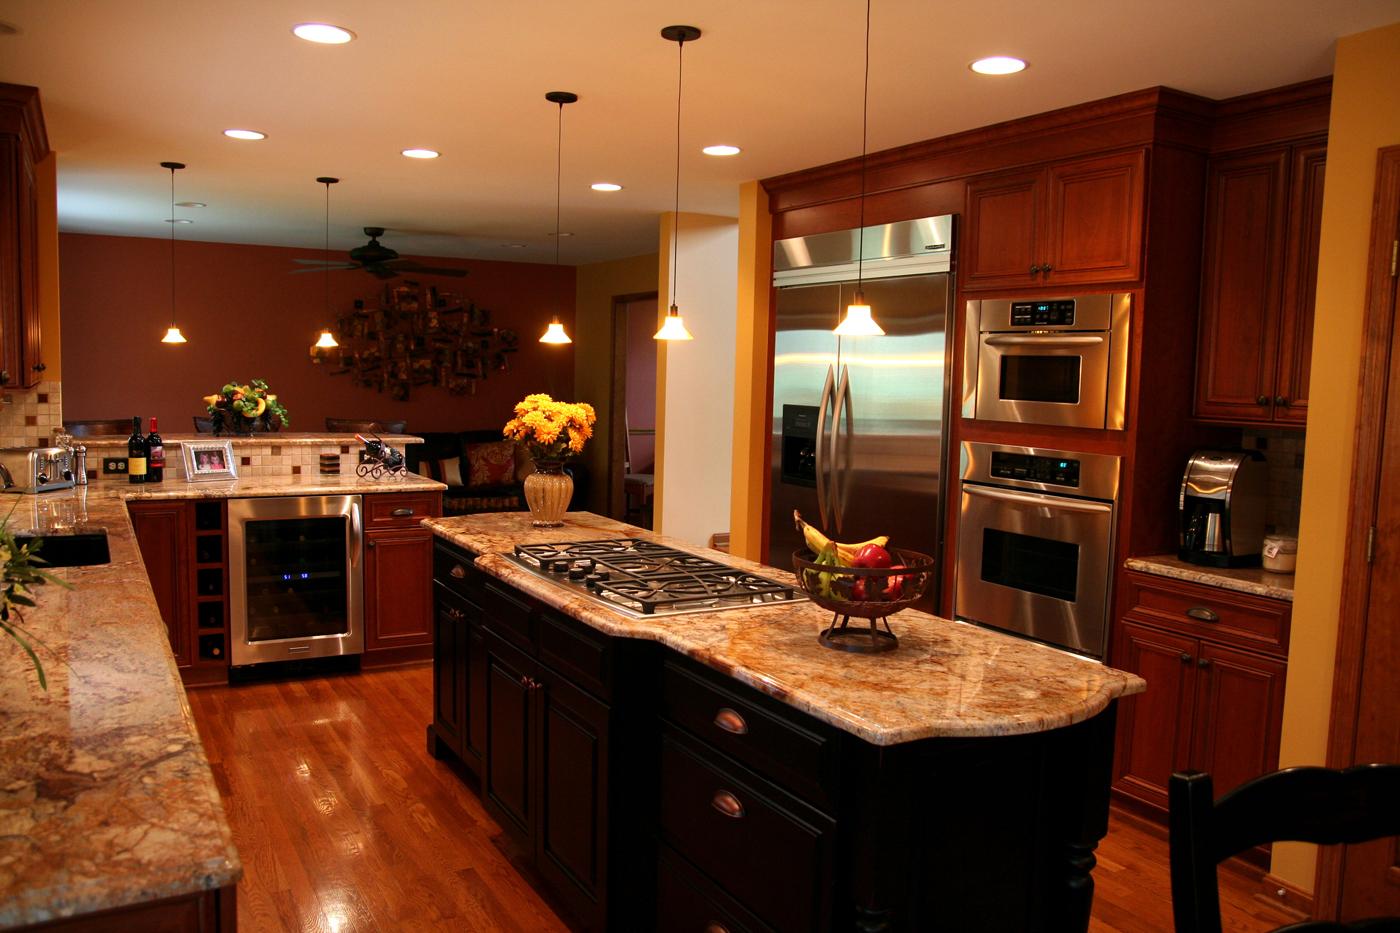 6 Kitchen Ideas Using Universal Design